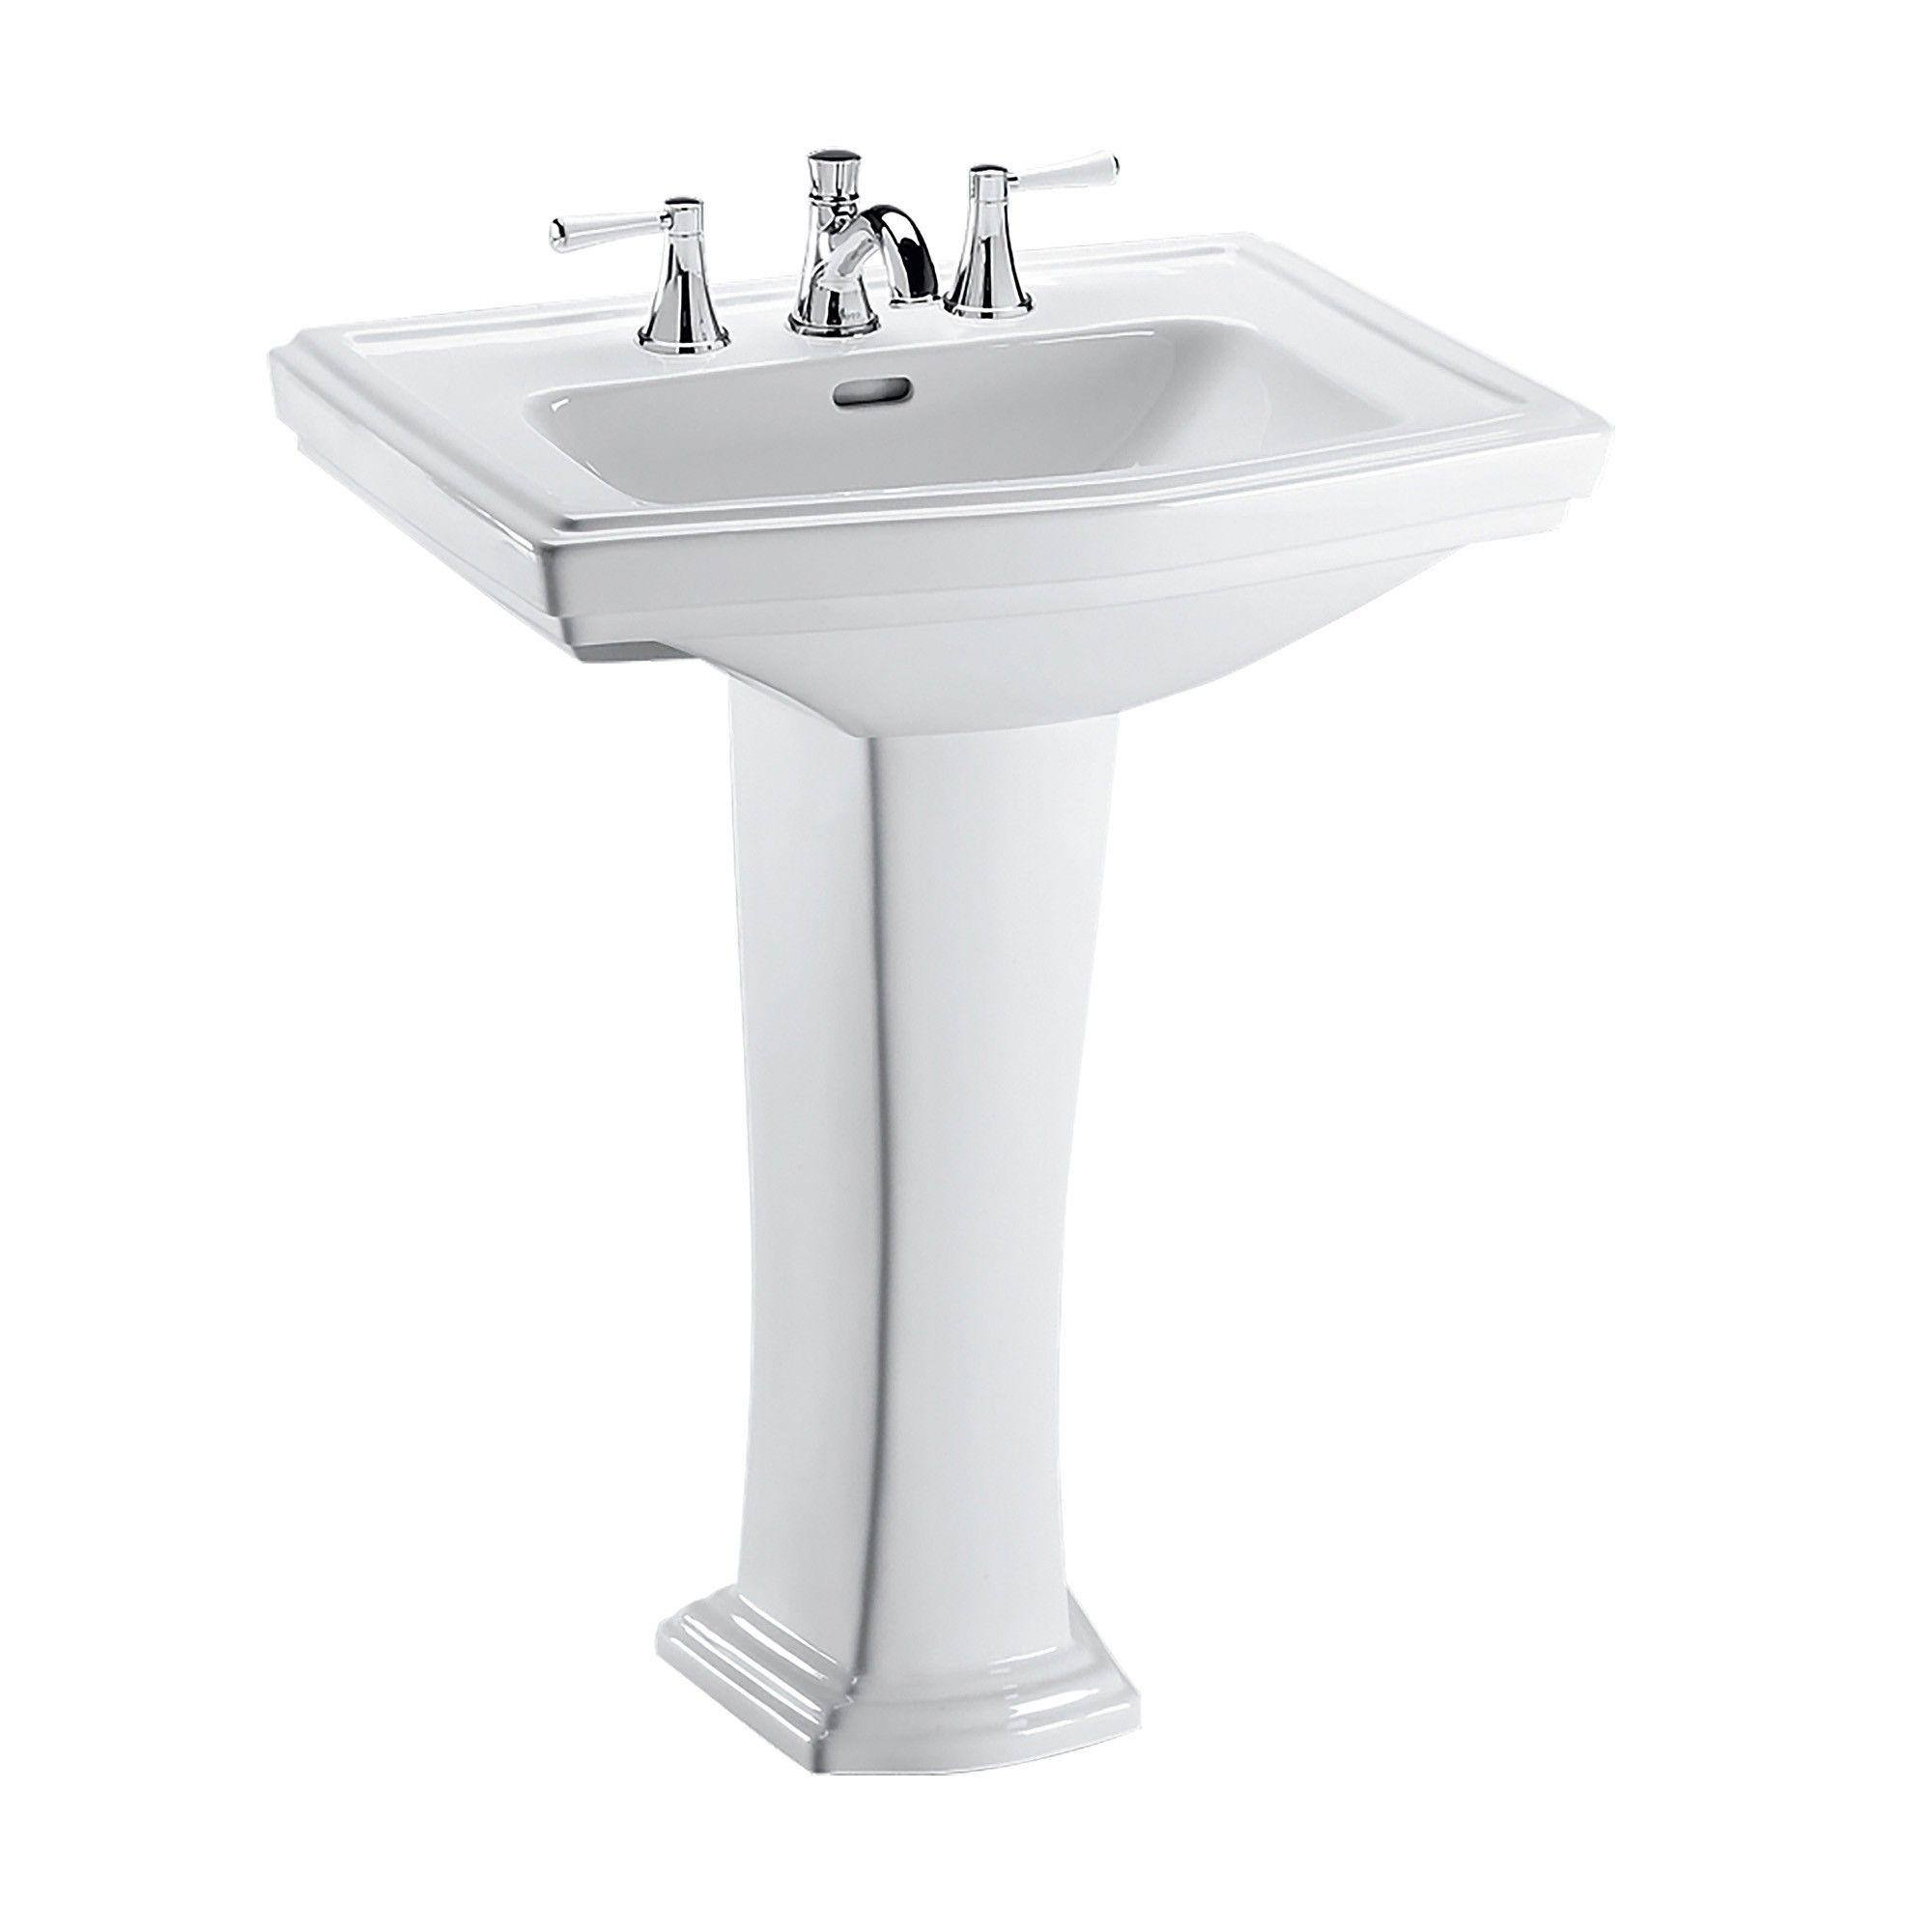 Toto Clayton Rectangular Pedestal Bathroom Sink For 8 Inch Center